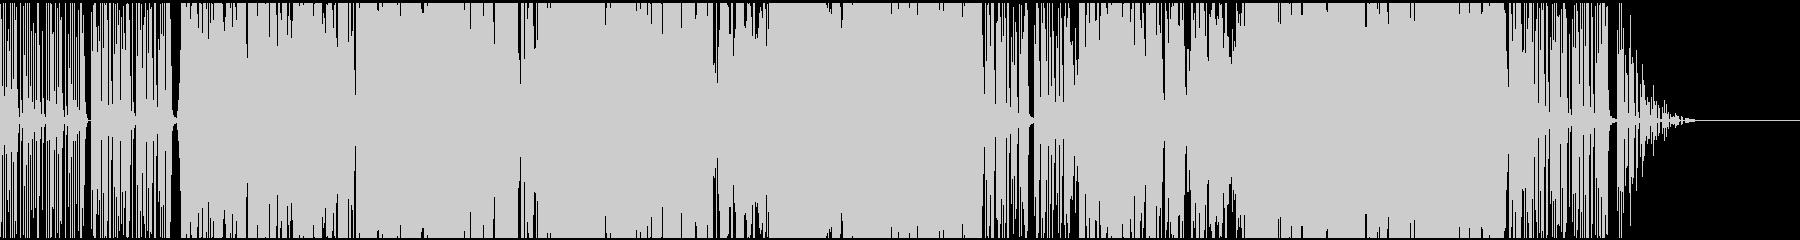 アコーディオンとチェロのワルツの未再生の波形